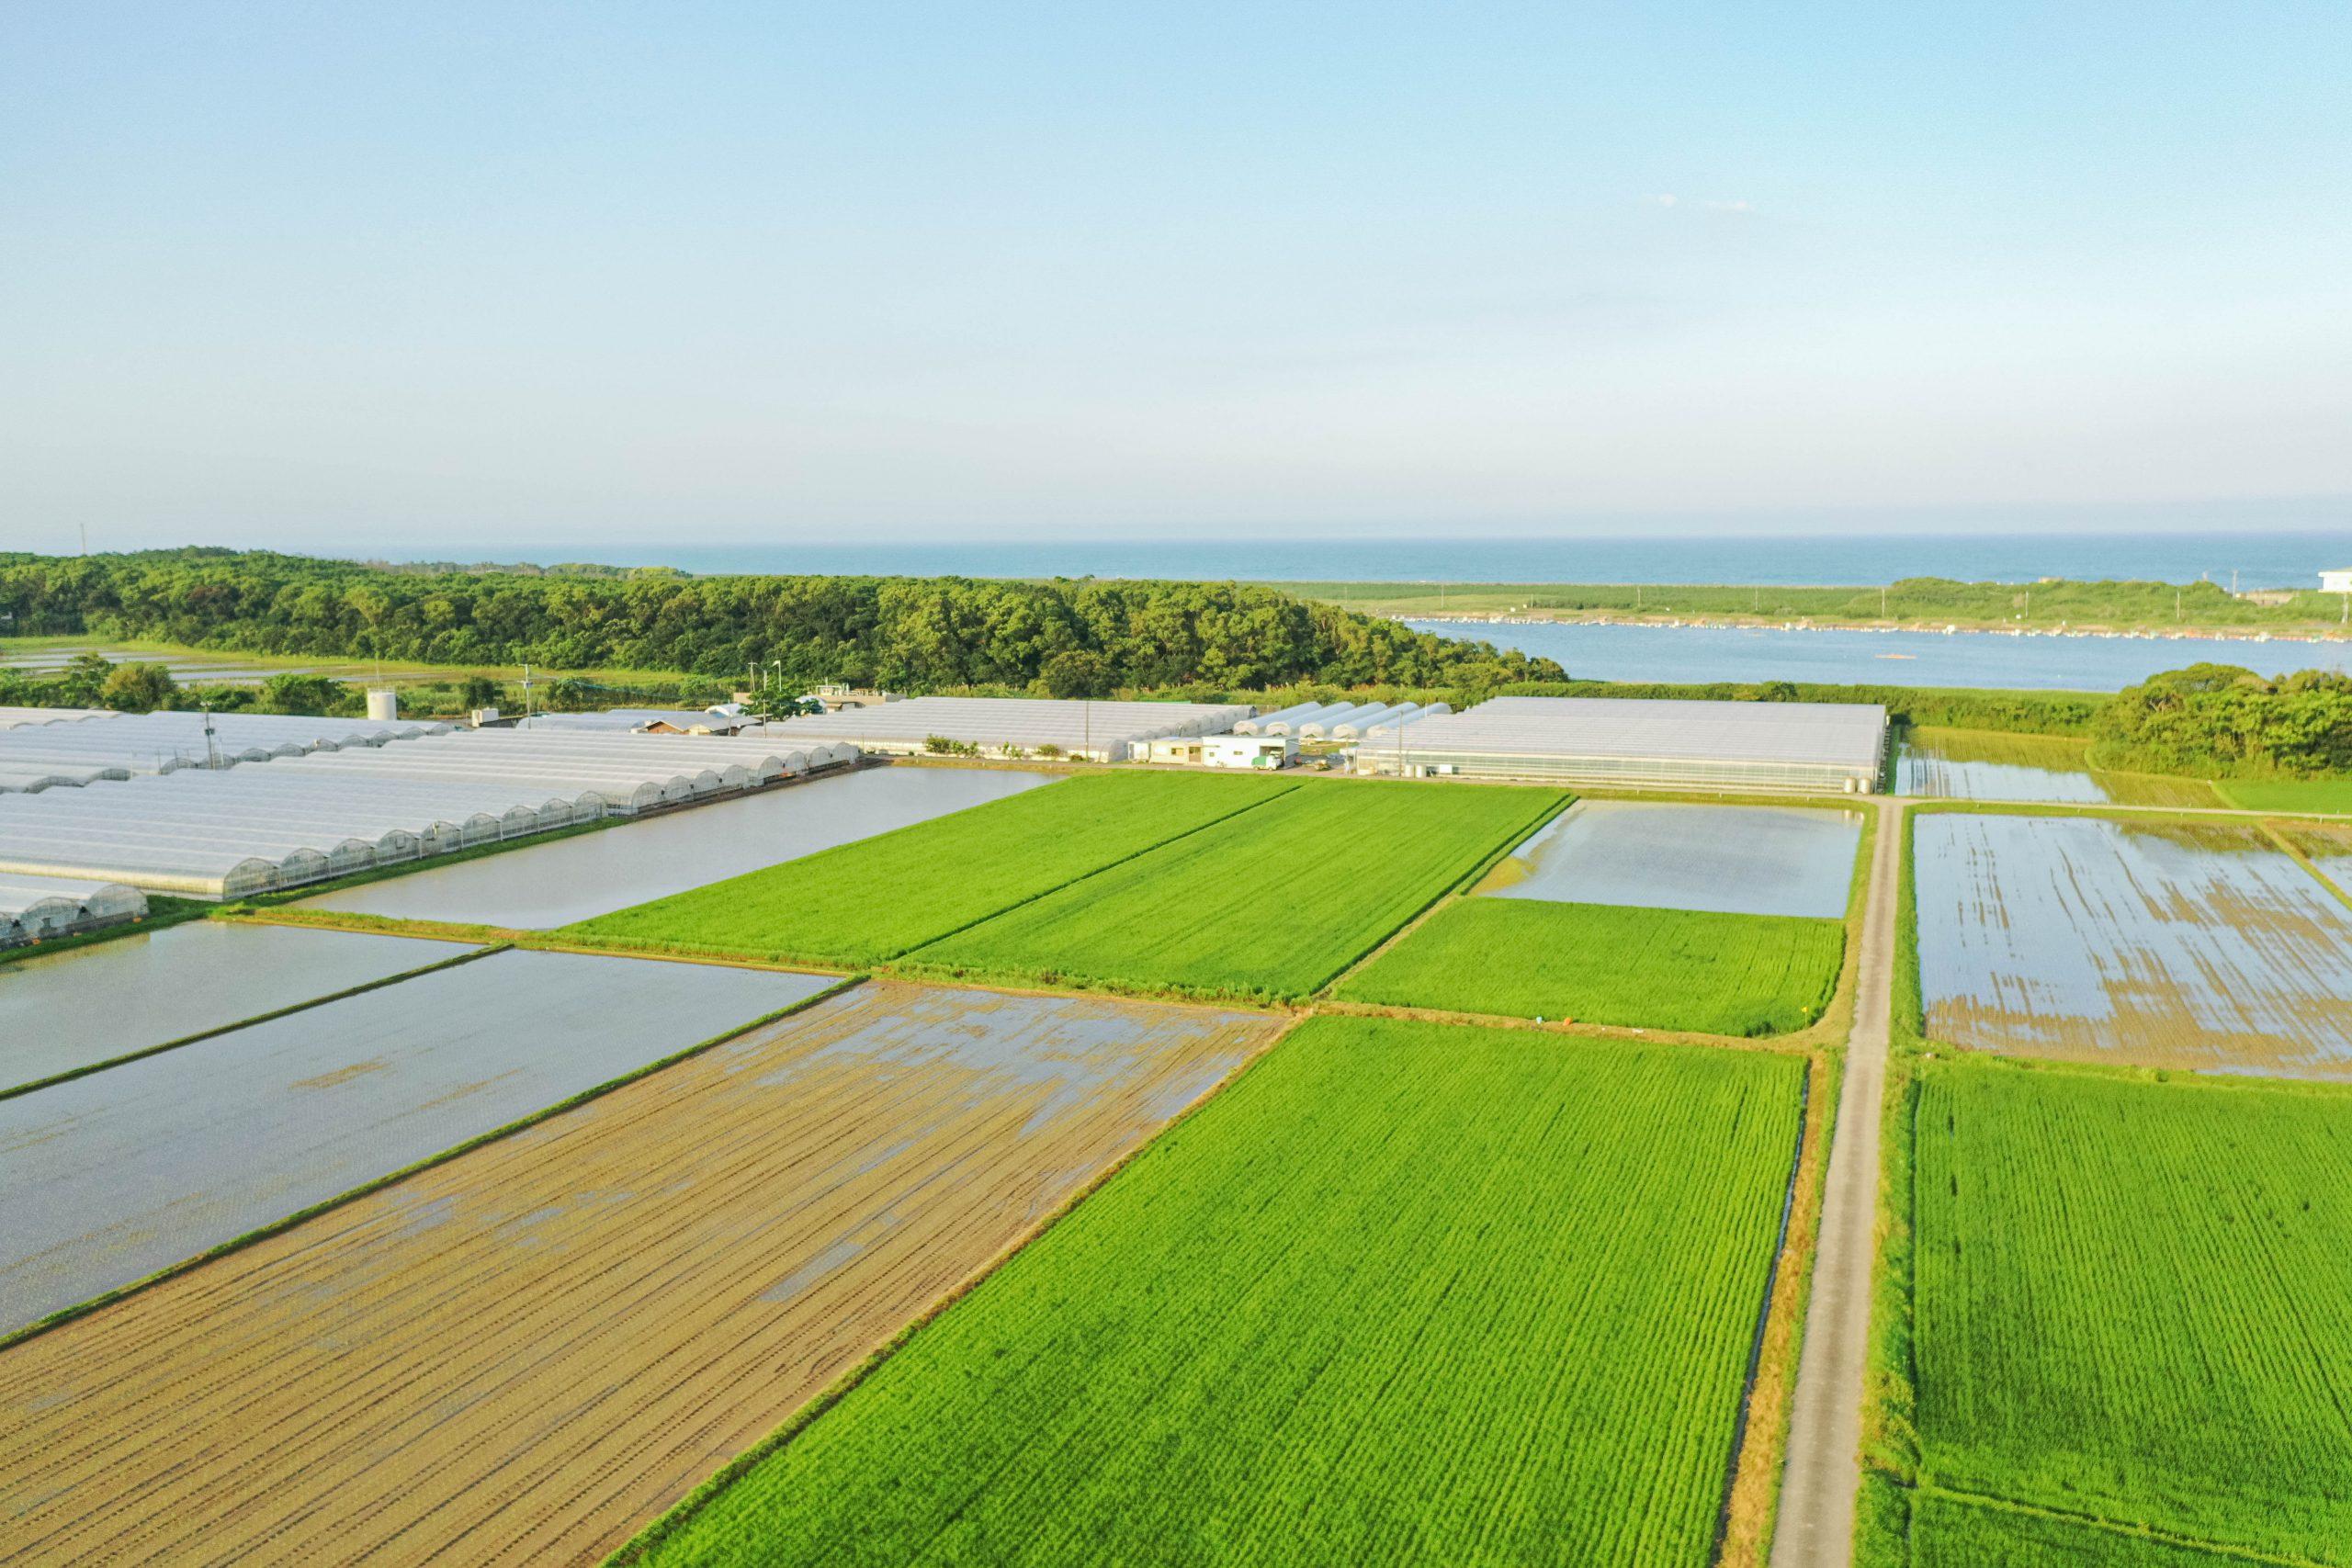 農業の町ー宮崎県新富町ー開発ラボ遠景ードローン撮影